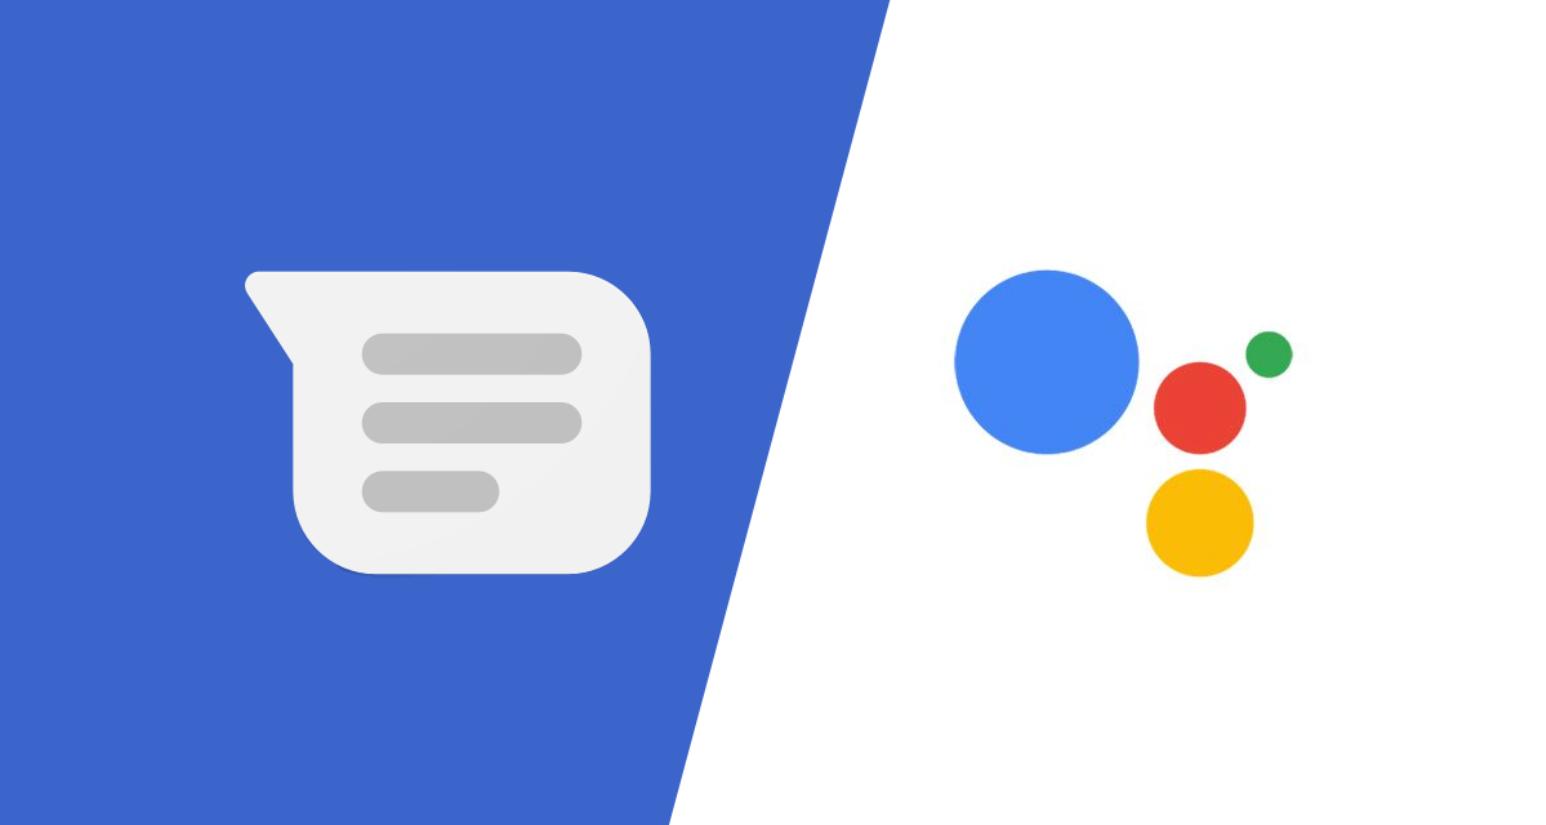 """Zprávy pro Android budou """"chytřejší"""" díky asistentovi"""